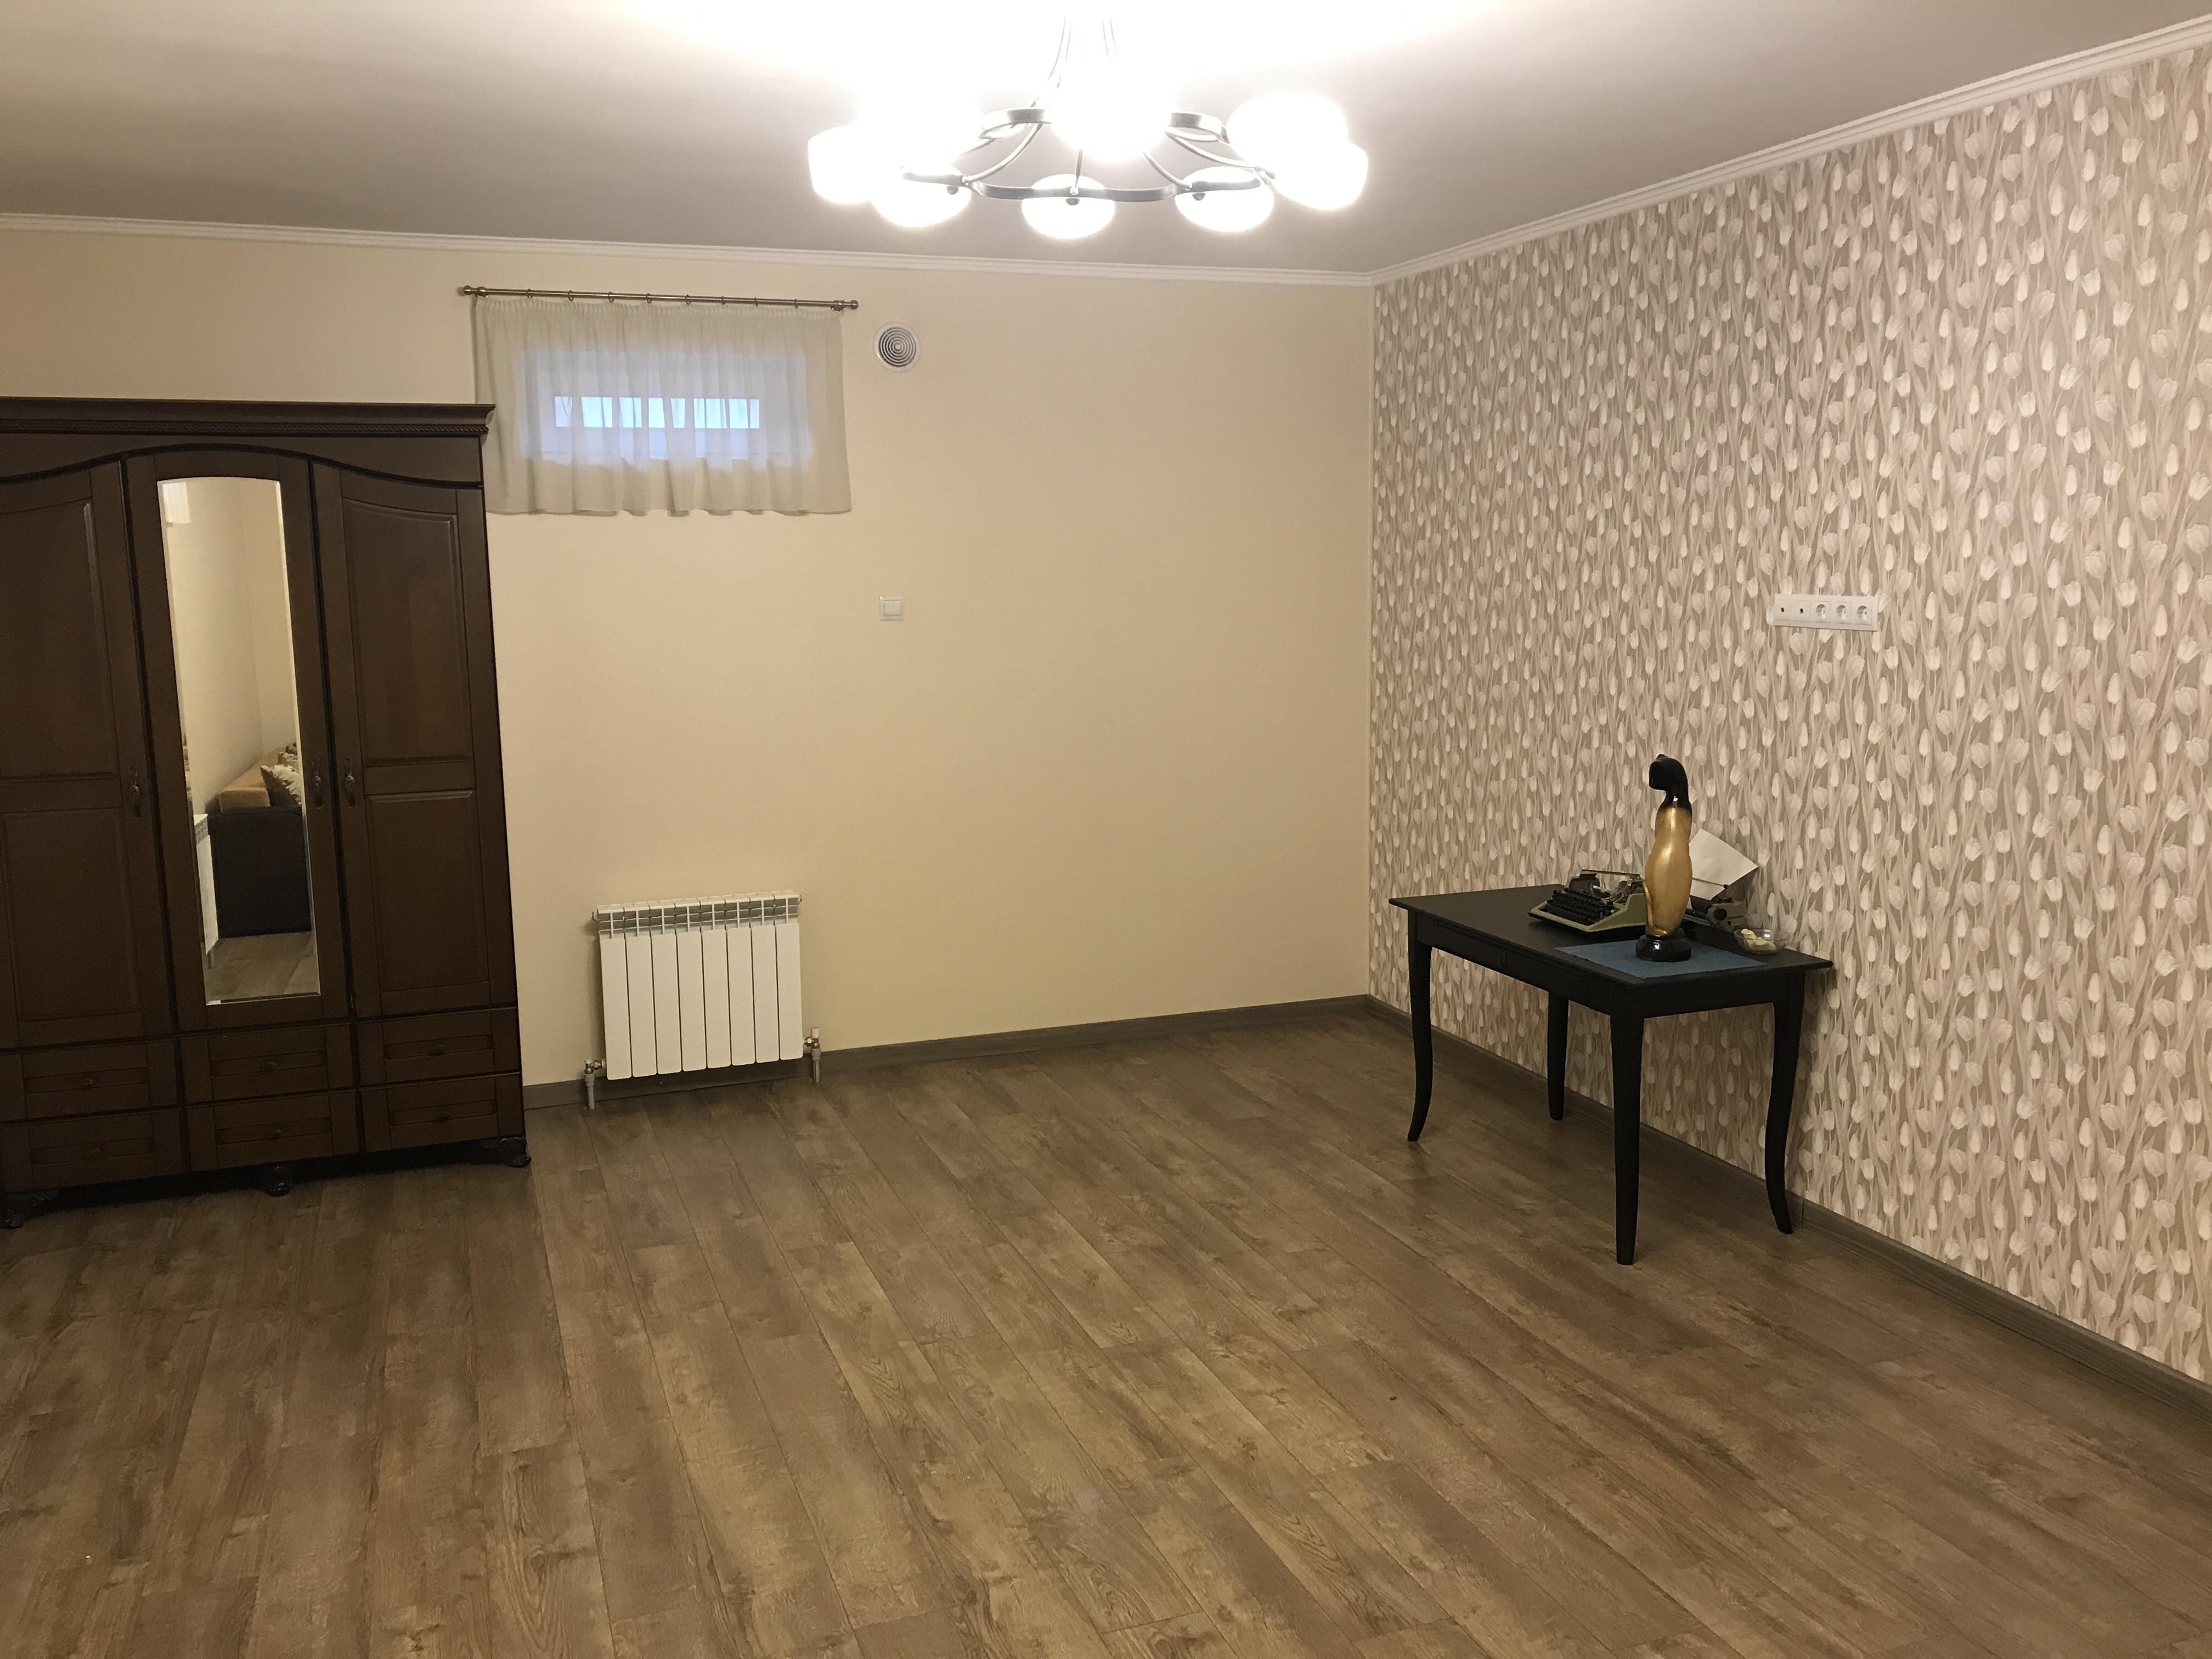 Дом на продажу по адресу Россия, Ростовская область, Батайск, Цимлянская ул., д. 73